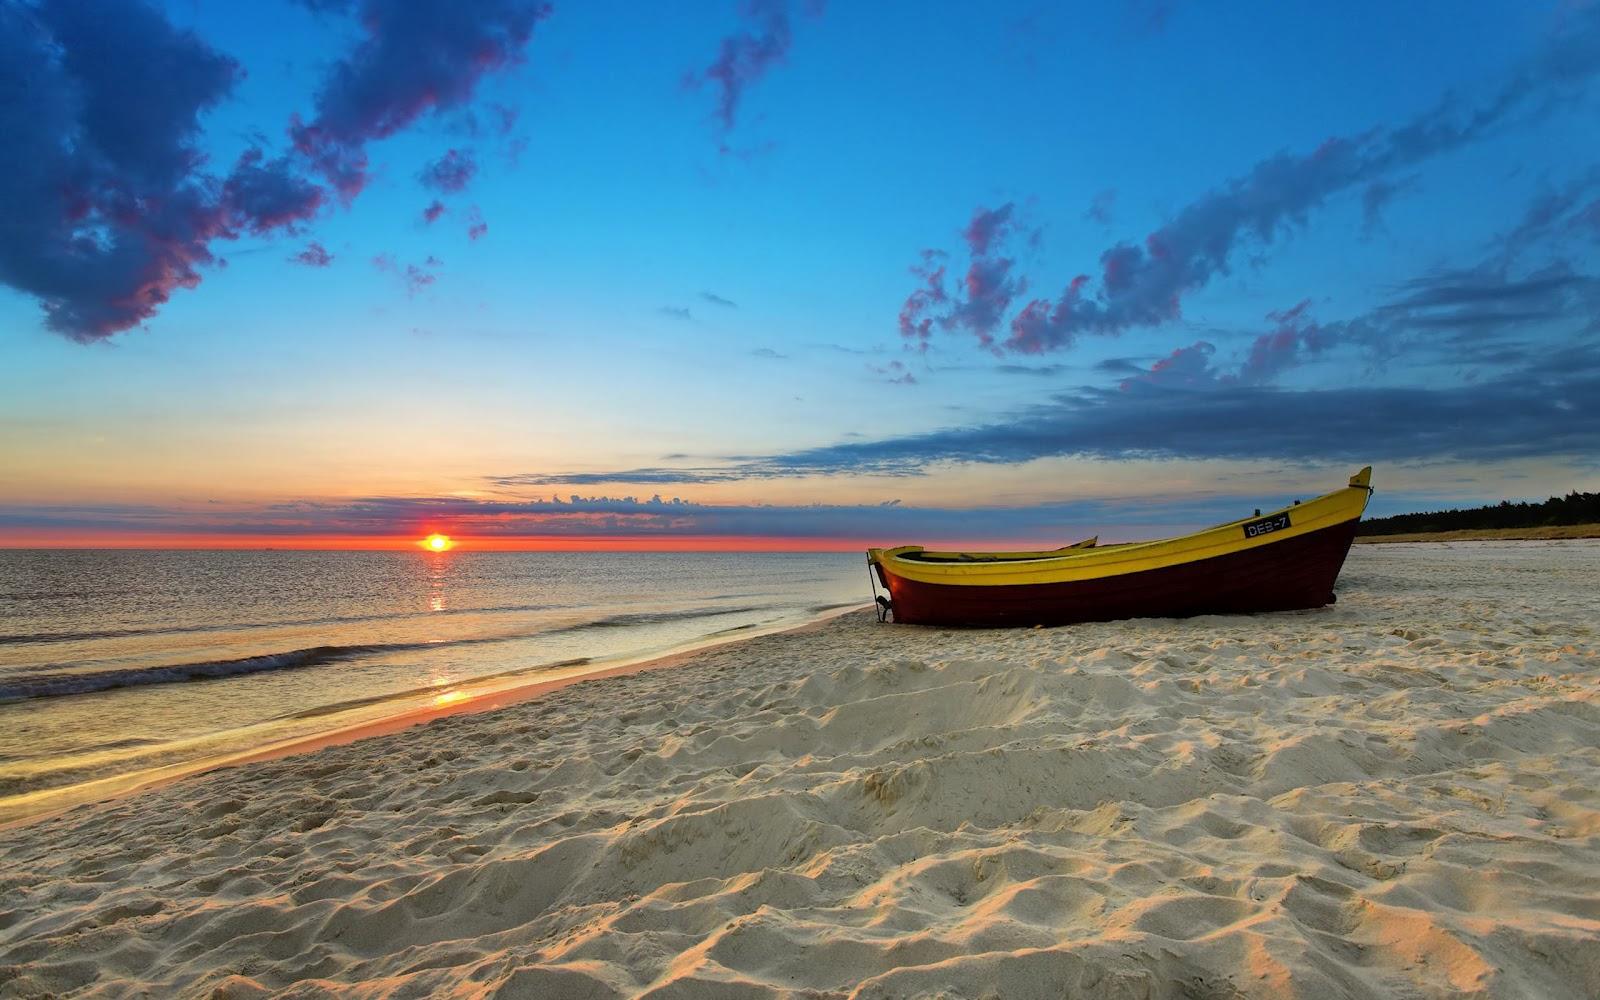 http://1.bp.blogspot.com/-91yEkPeKiVA/T_XMJCnd2sI/AAAAAAAAAUw/aiu-GHrTsnQ/s1600/Sunset_Beach.jpg